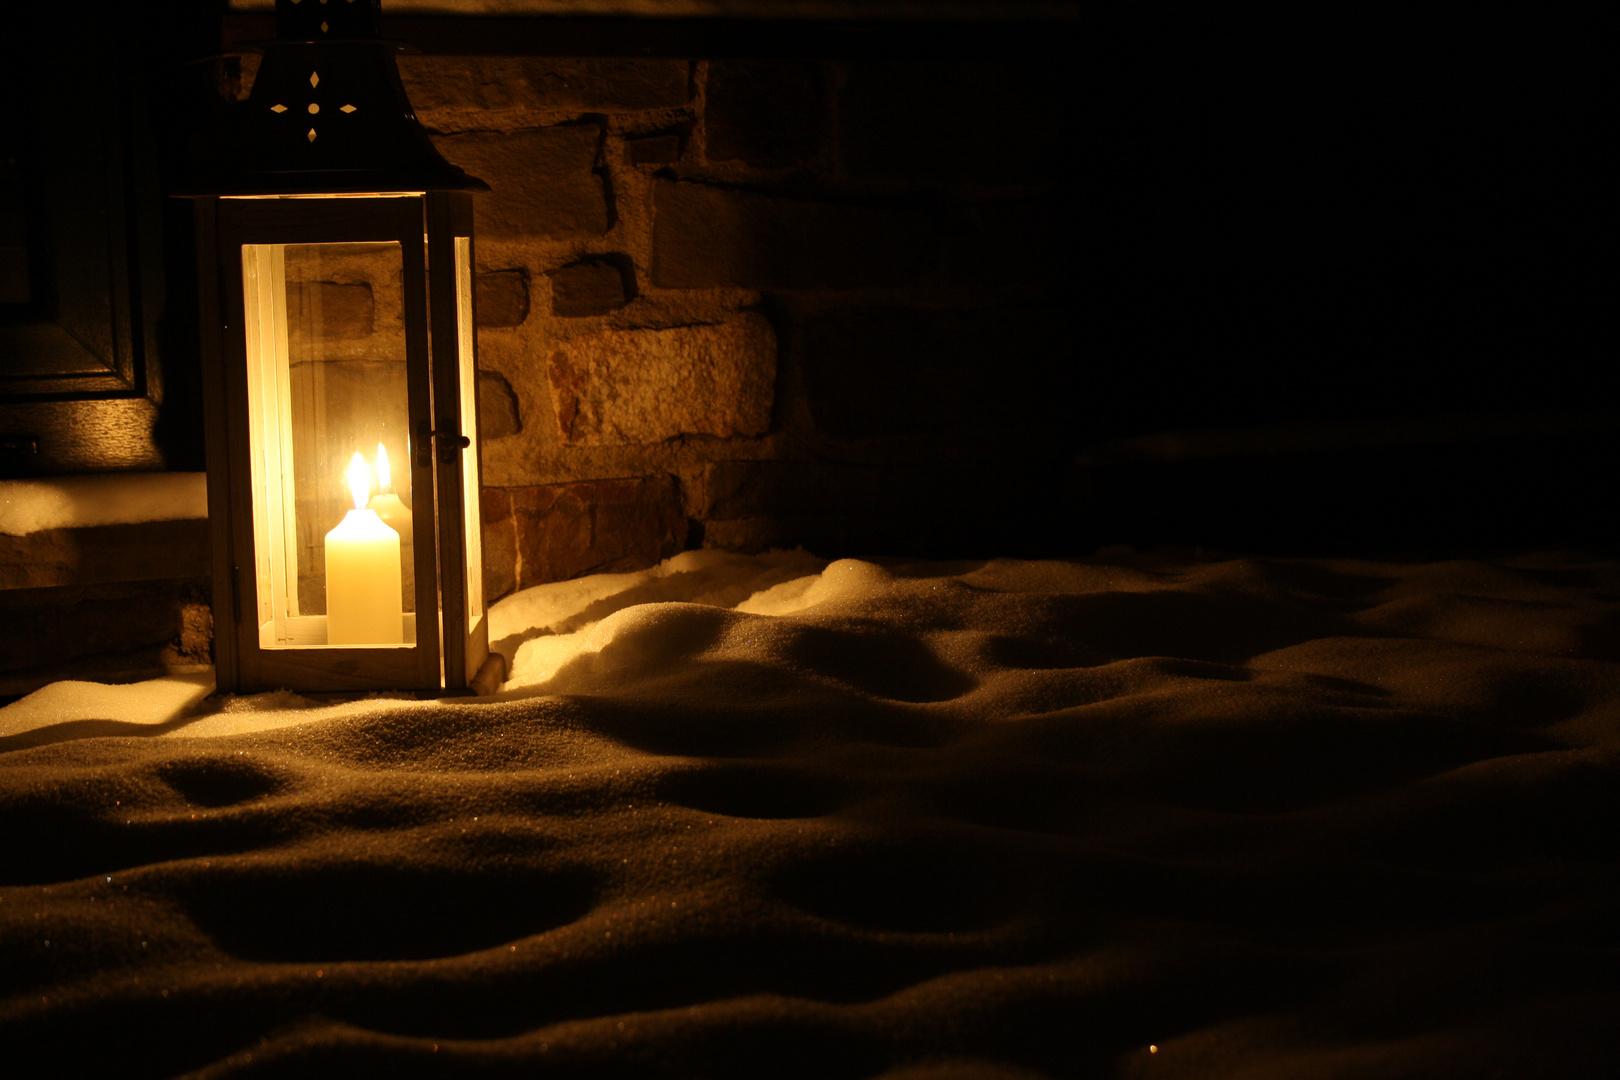 laterne im schnee foto bild lampen und leuchten alltagsdesign motive bilder auf fotocommunity. Black Bedroom Furniture Sets. Home Design Ideas